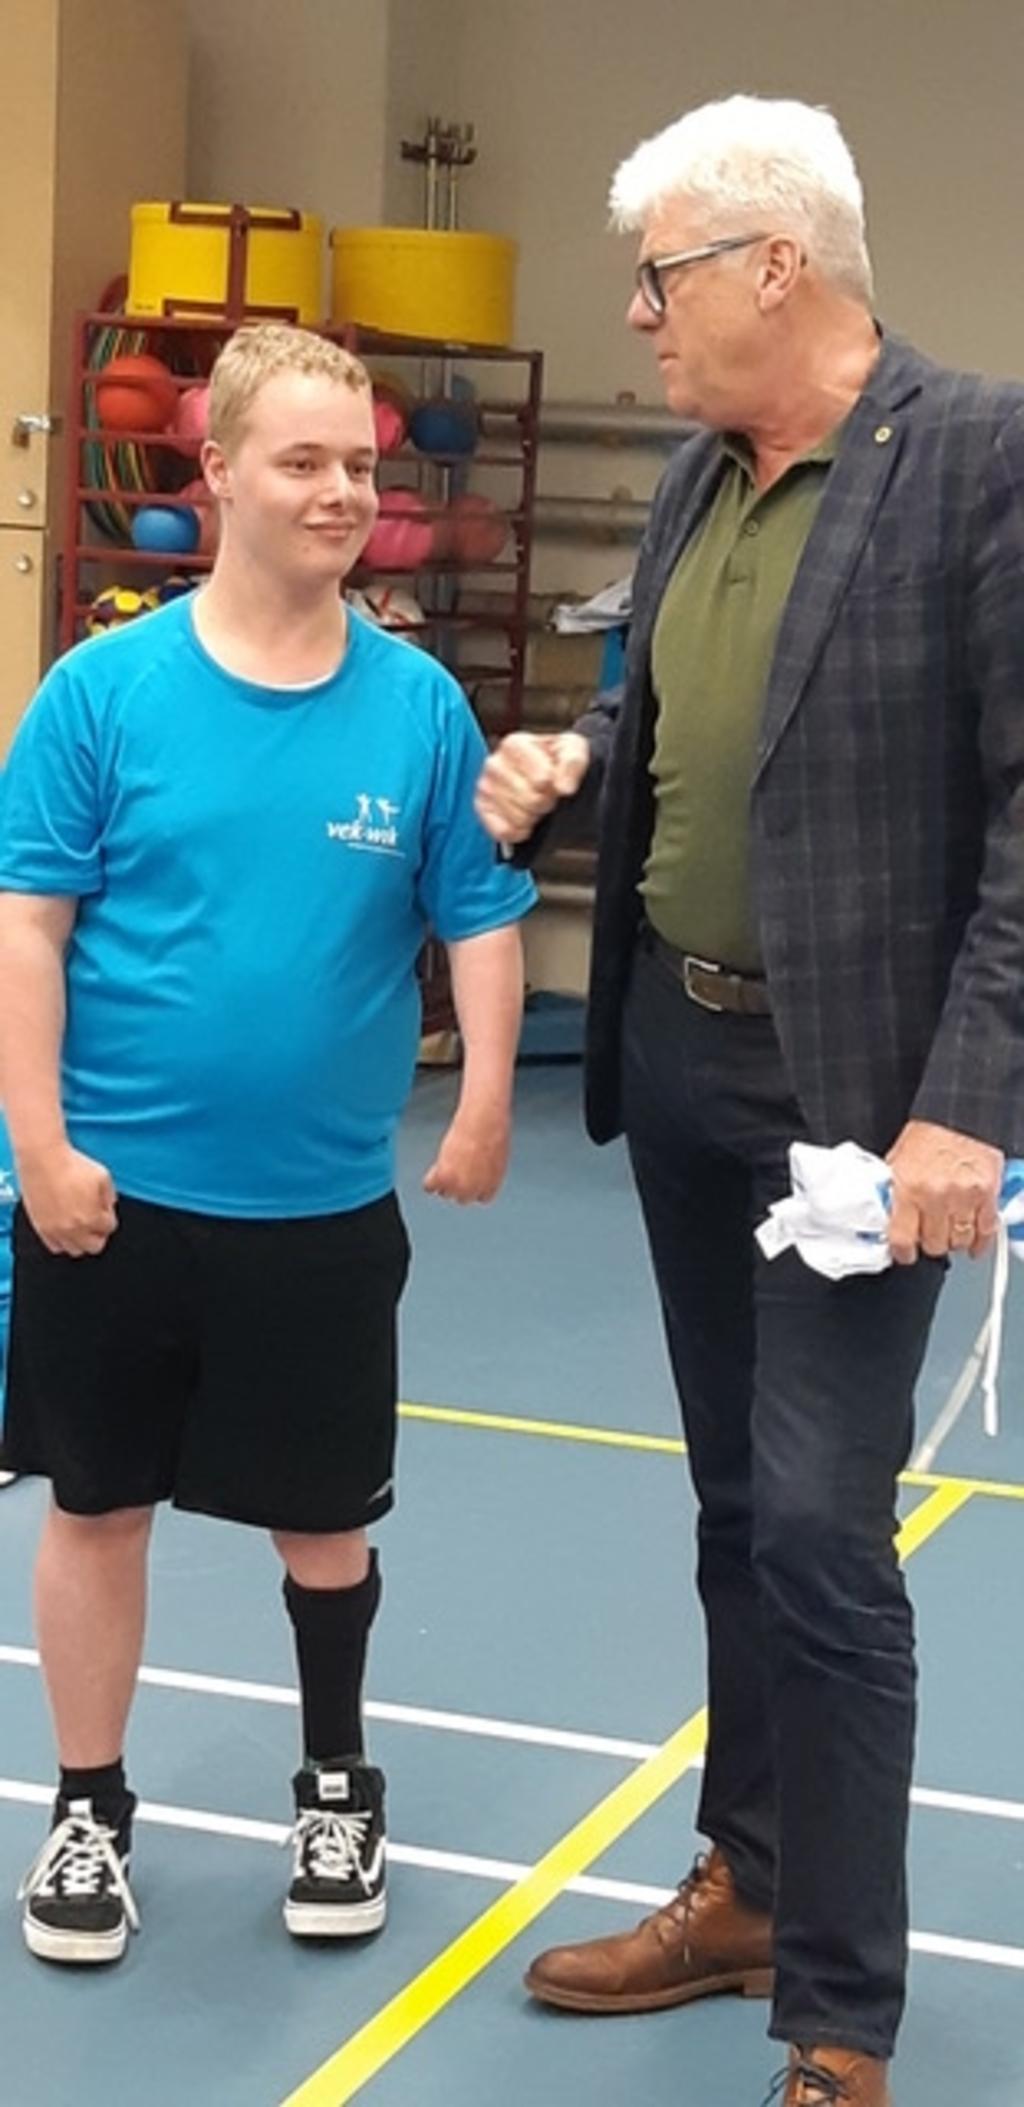 Sporter van de maand Yorick samen met wethouder Dorus Luyckx. Foto: aangeleverd © rodi